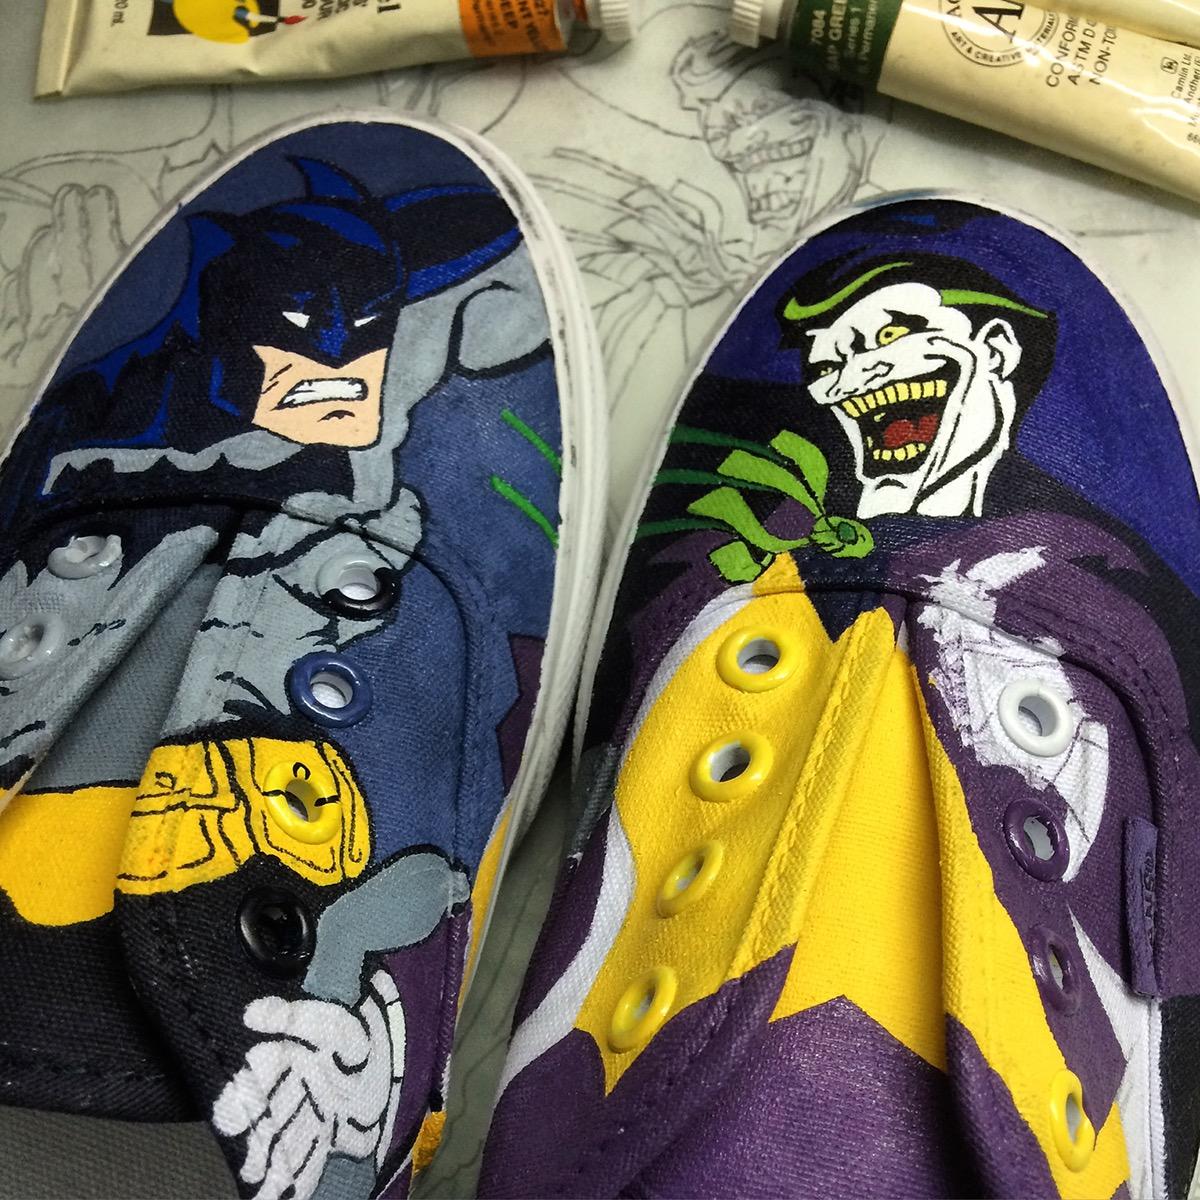 7ea2c142428a The Batman vs The Joker hand painted on Vans white canvas shoes.